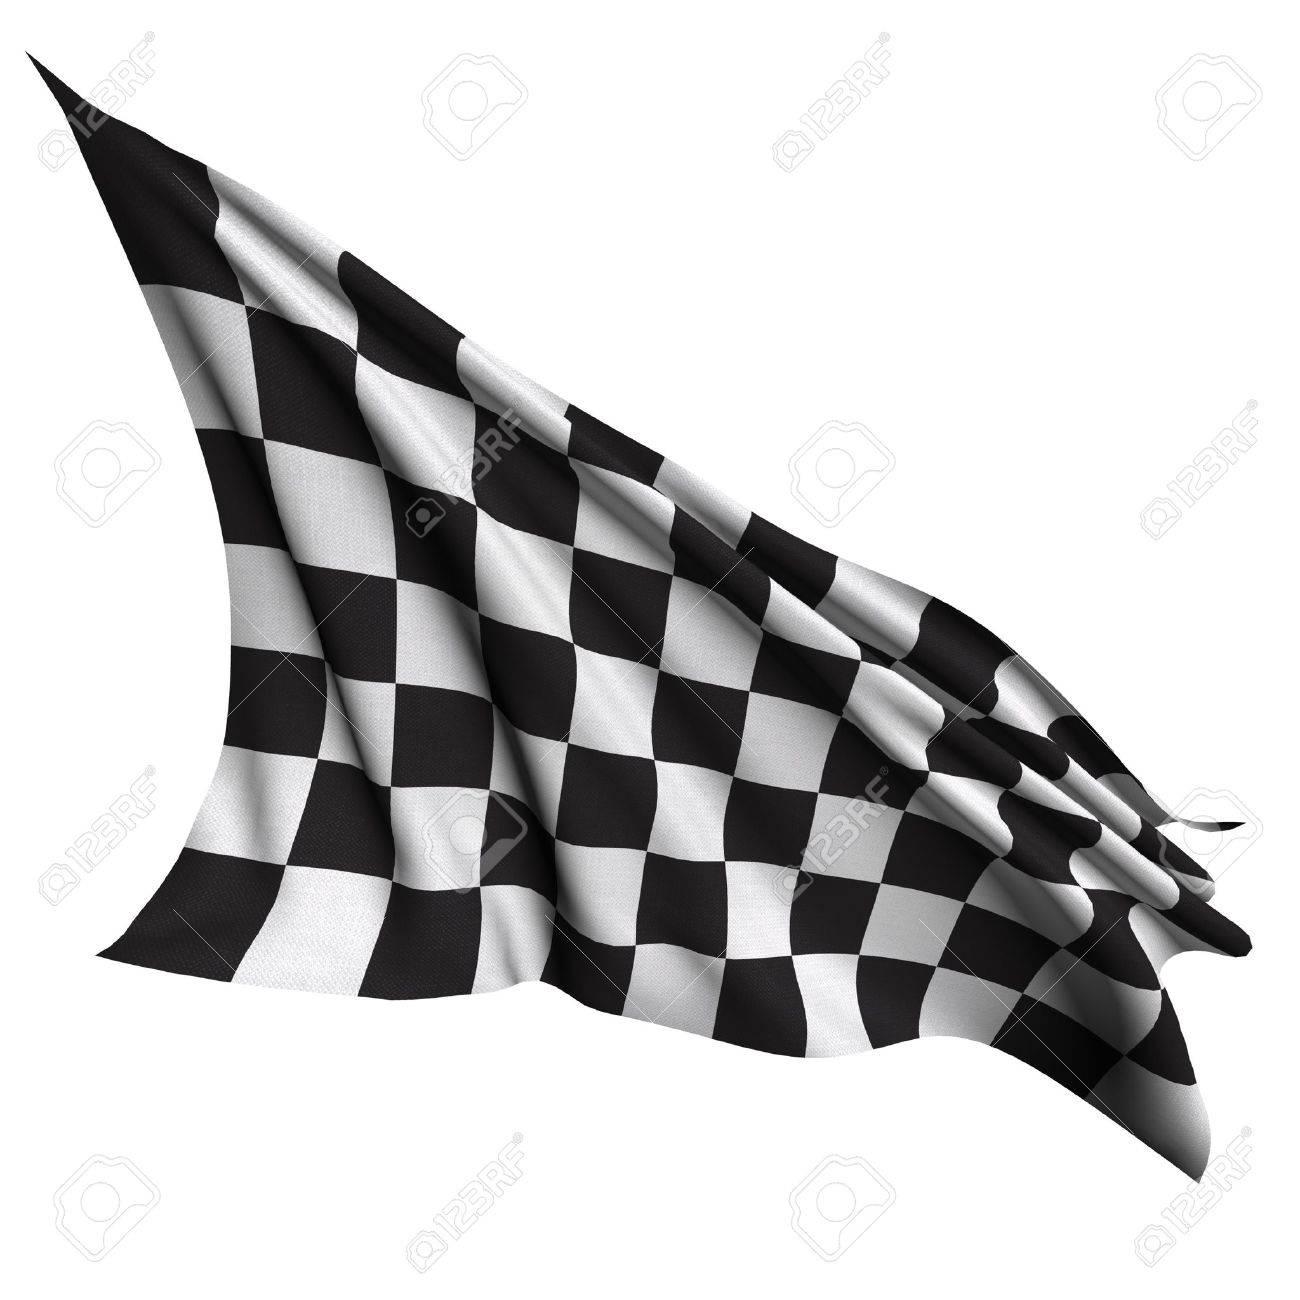 Finish flag Stock Photo - 15714693